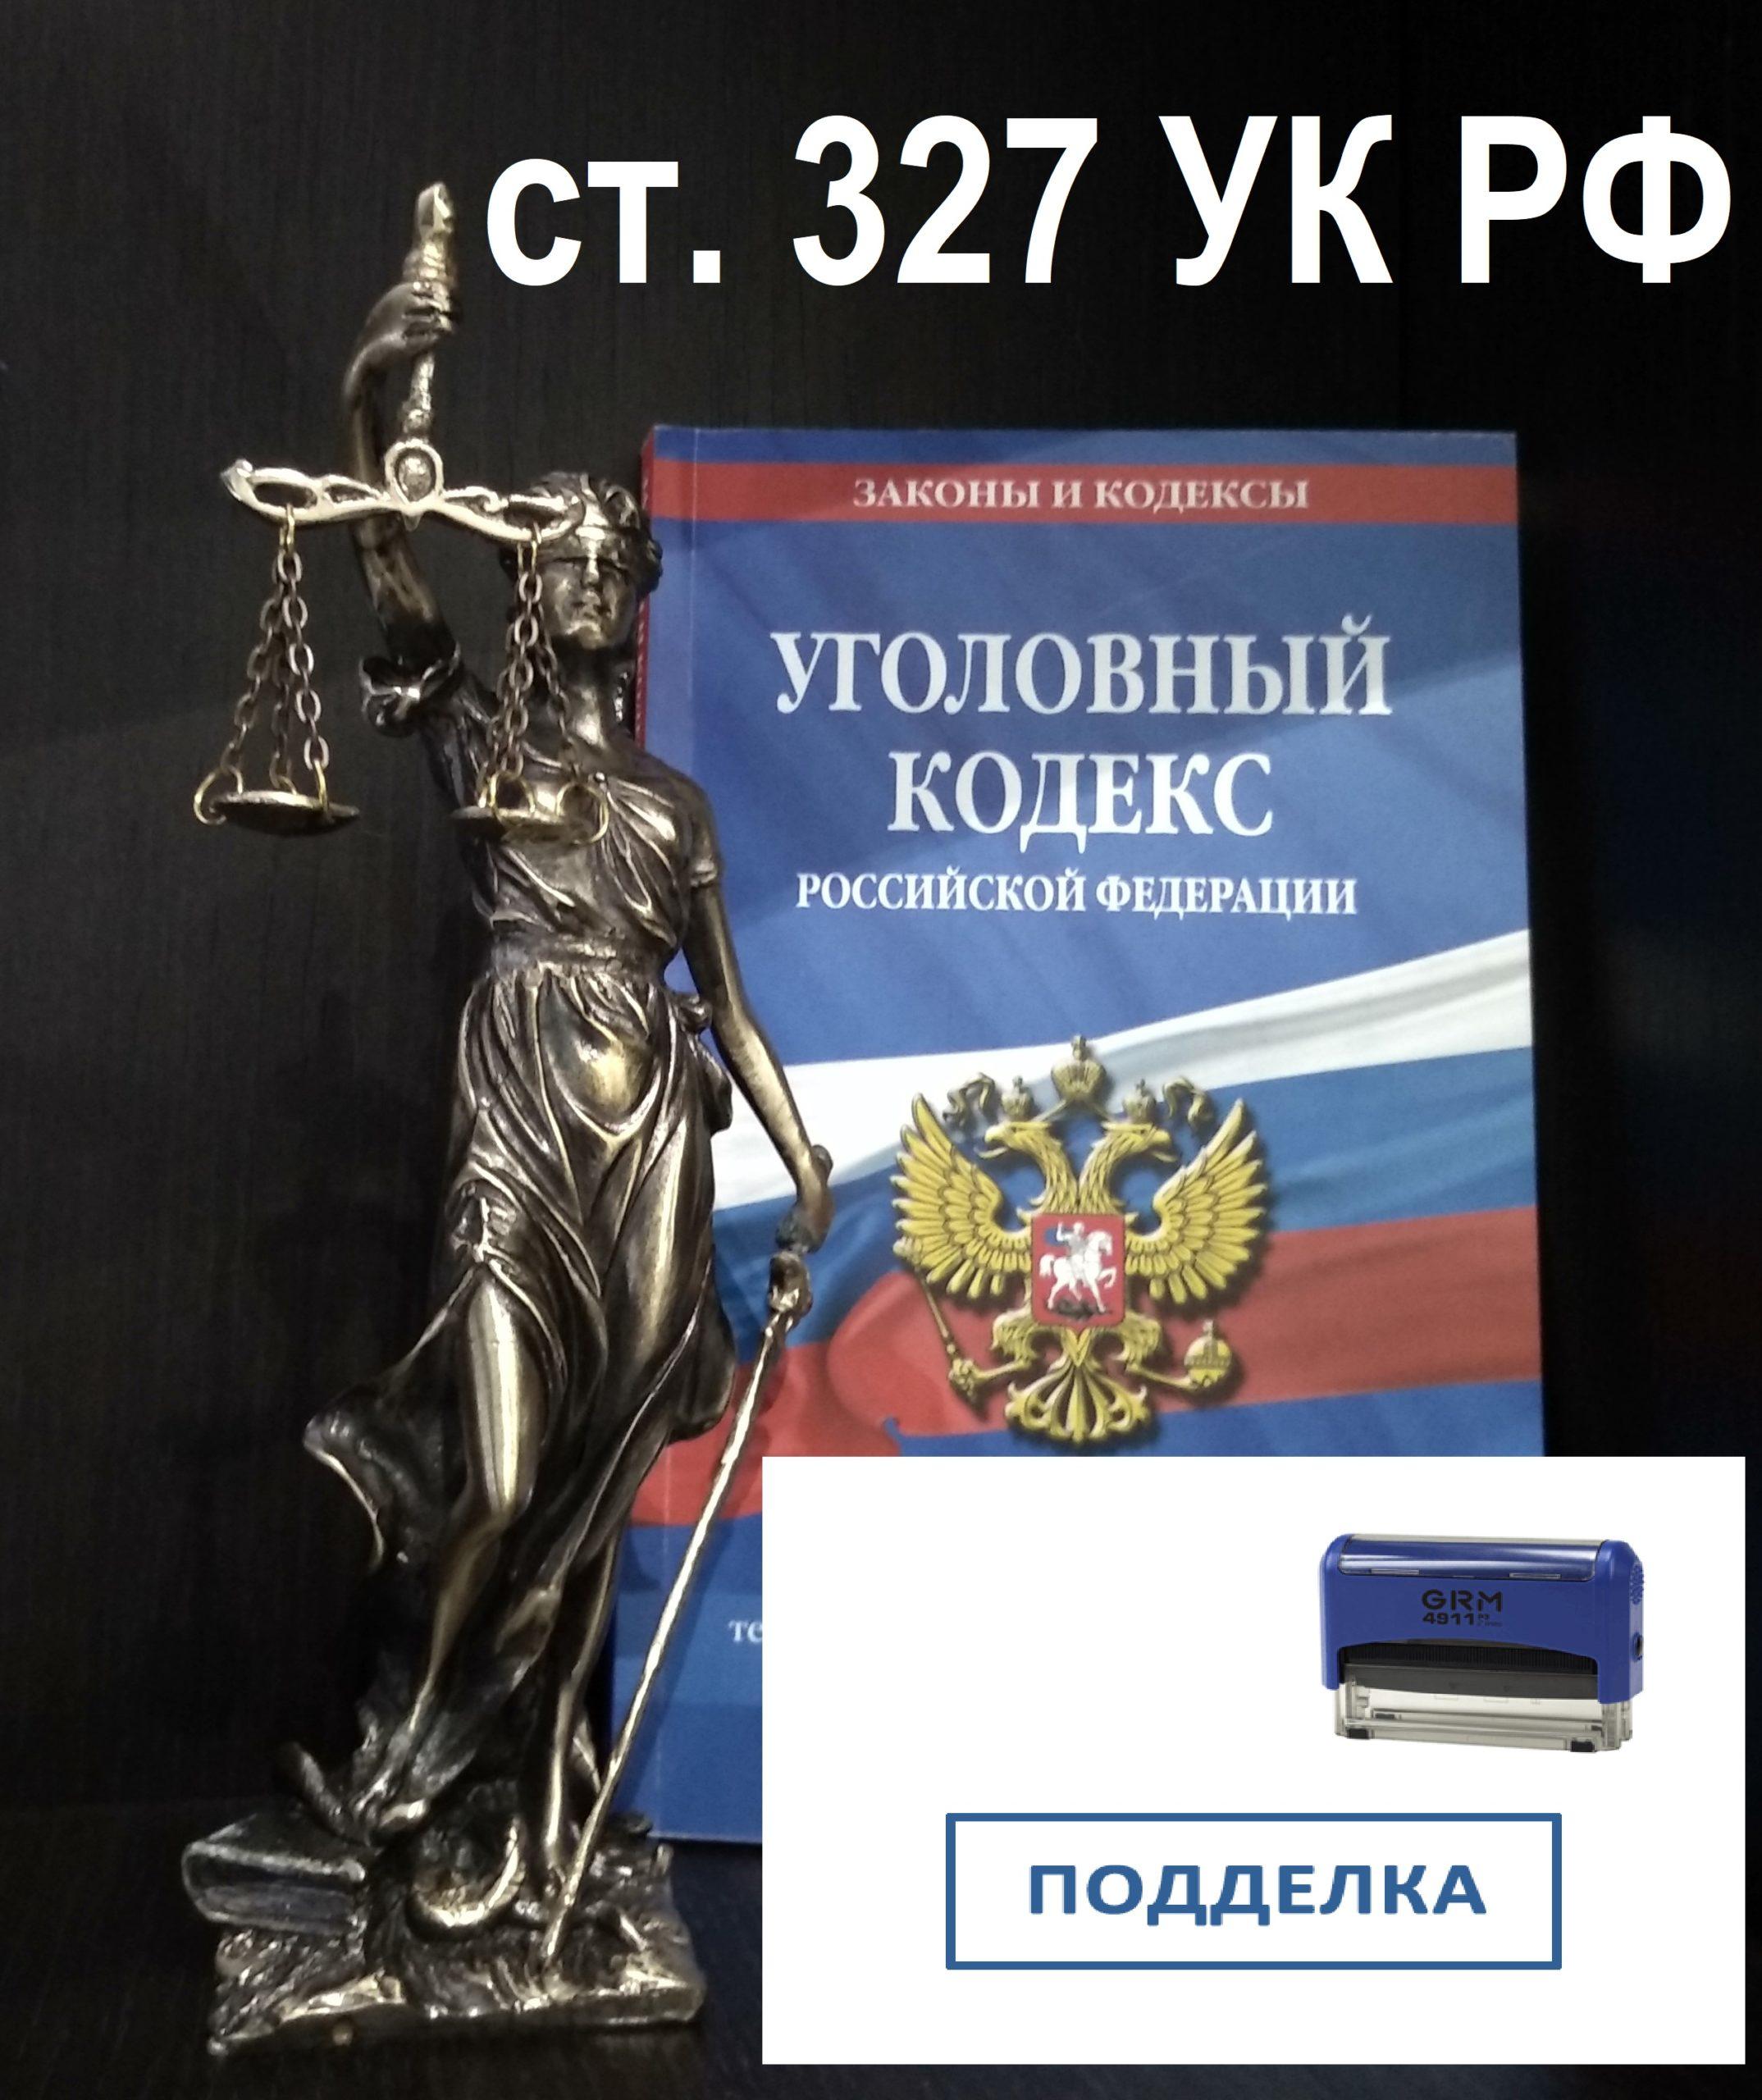 Адвокат по ст. 327 УК РФ Подделка, изготовление или сбыт поддельных документов